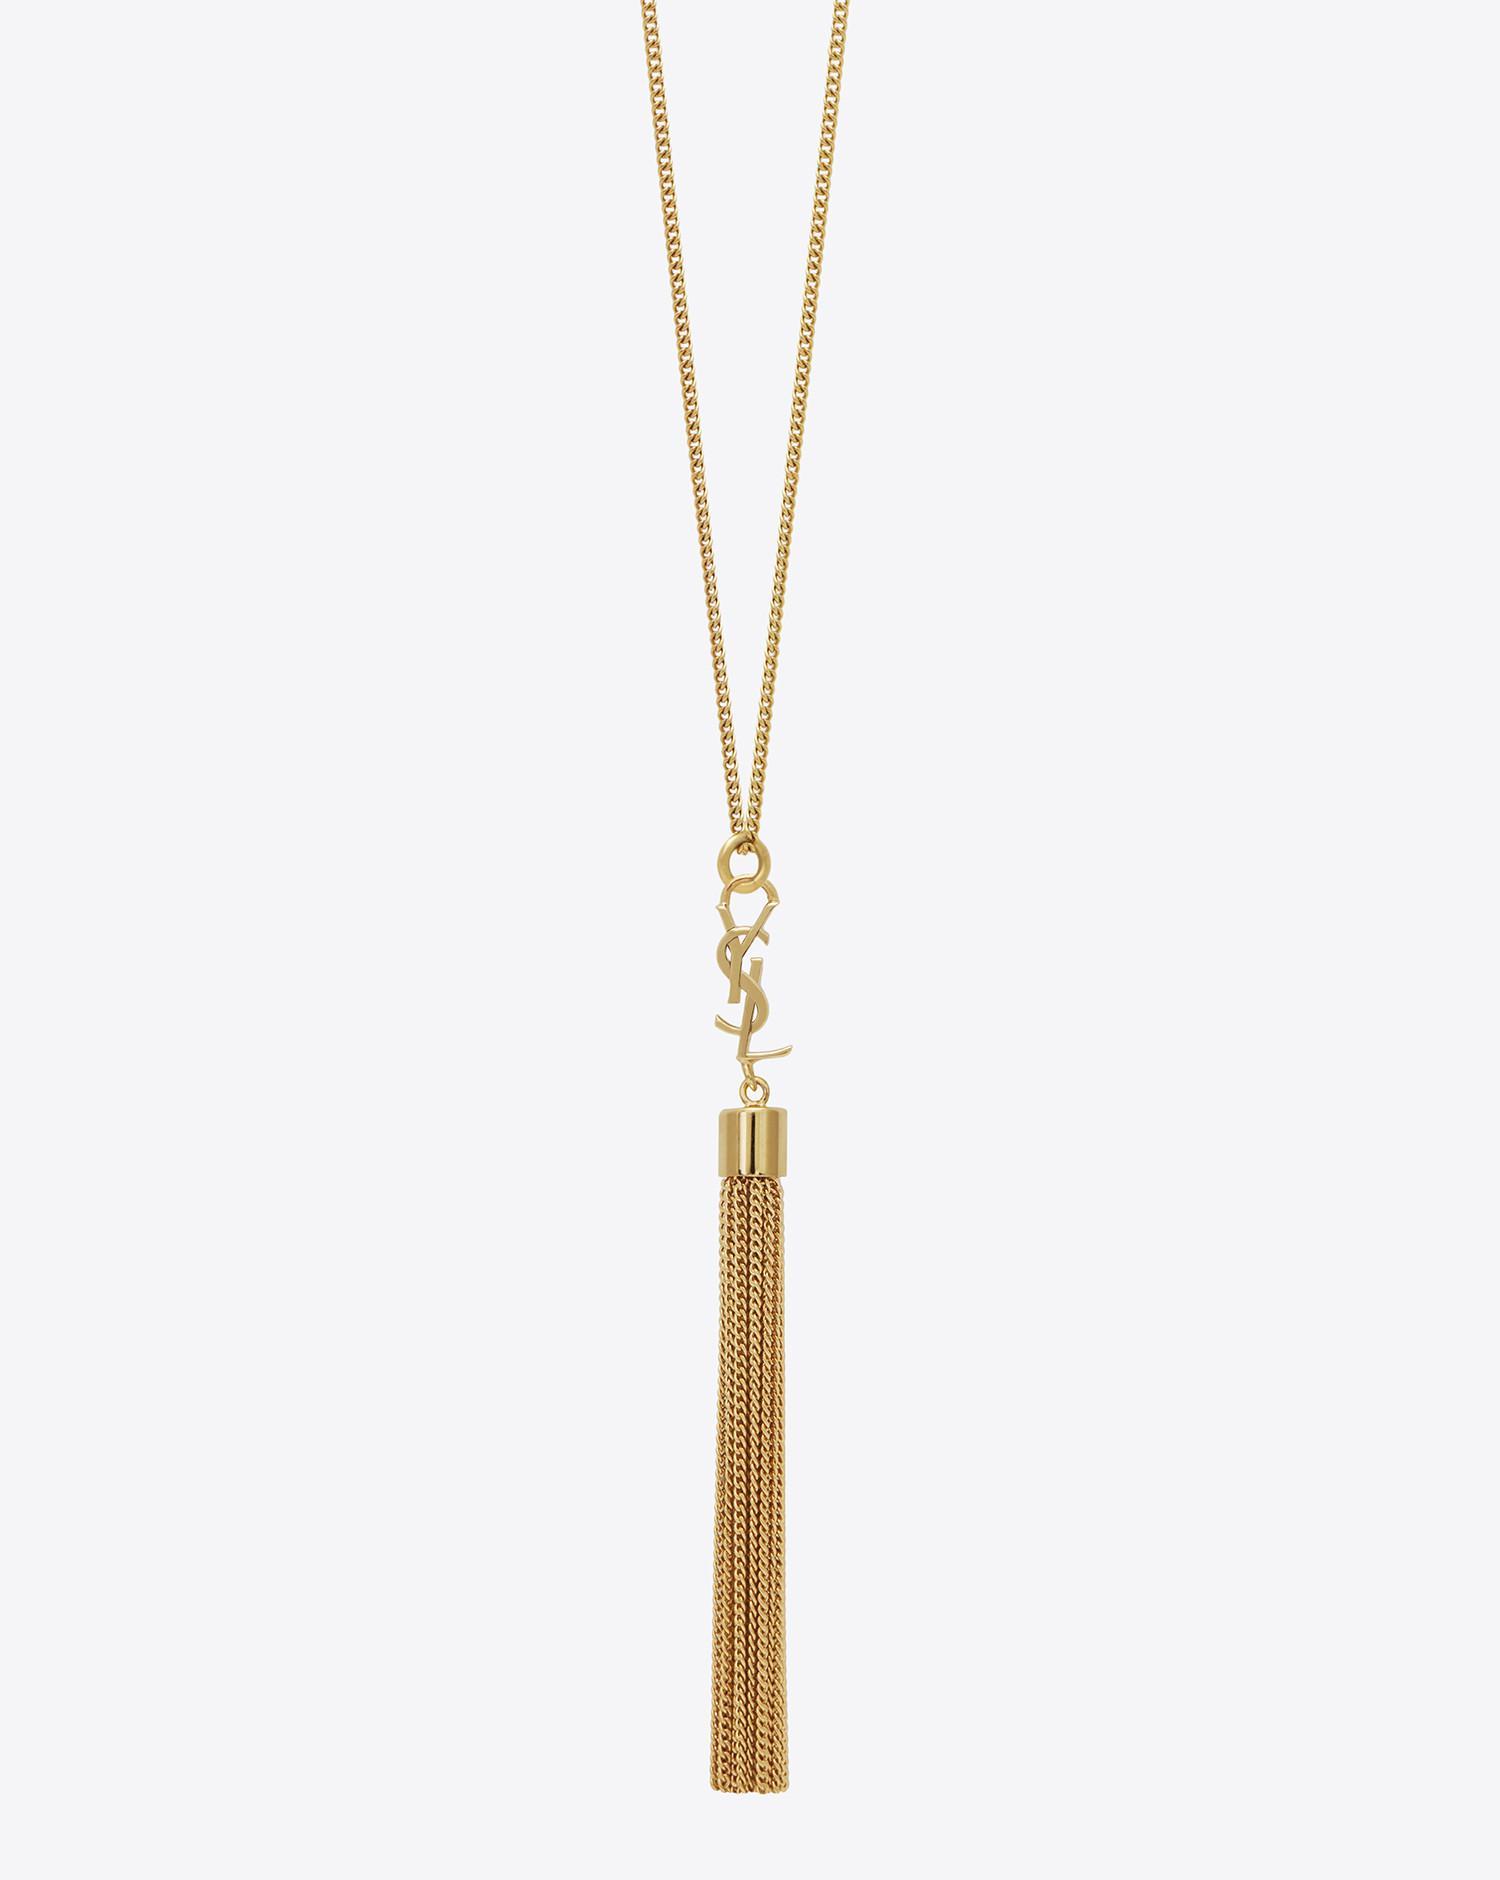 f91aeb4f2b8219 Saint Laurent Mini Tassel Necklace In Gold Brass in Metallic - Lyst